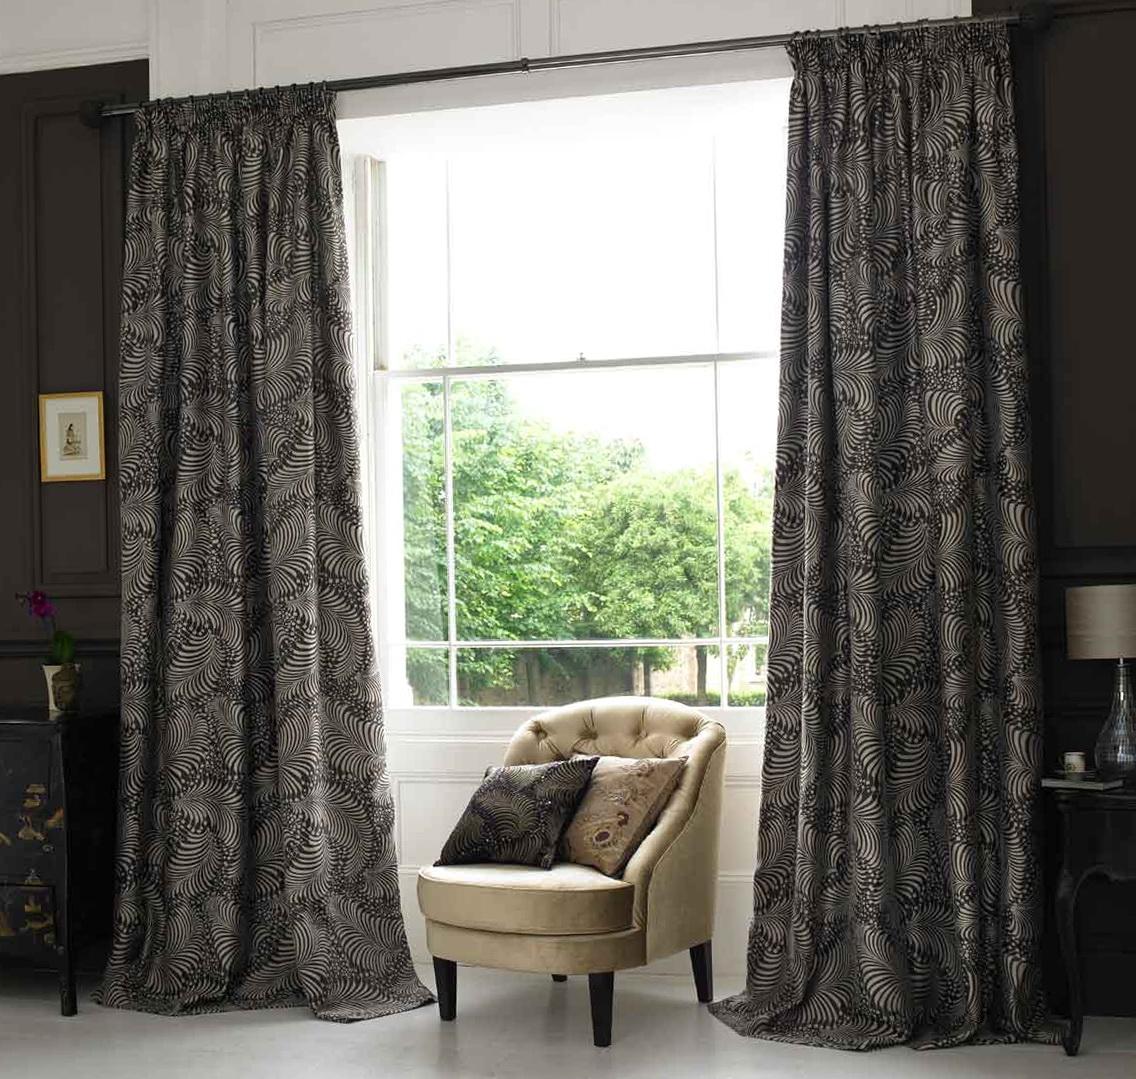 Bedroom Curtain Ideas Large Windows